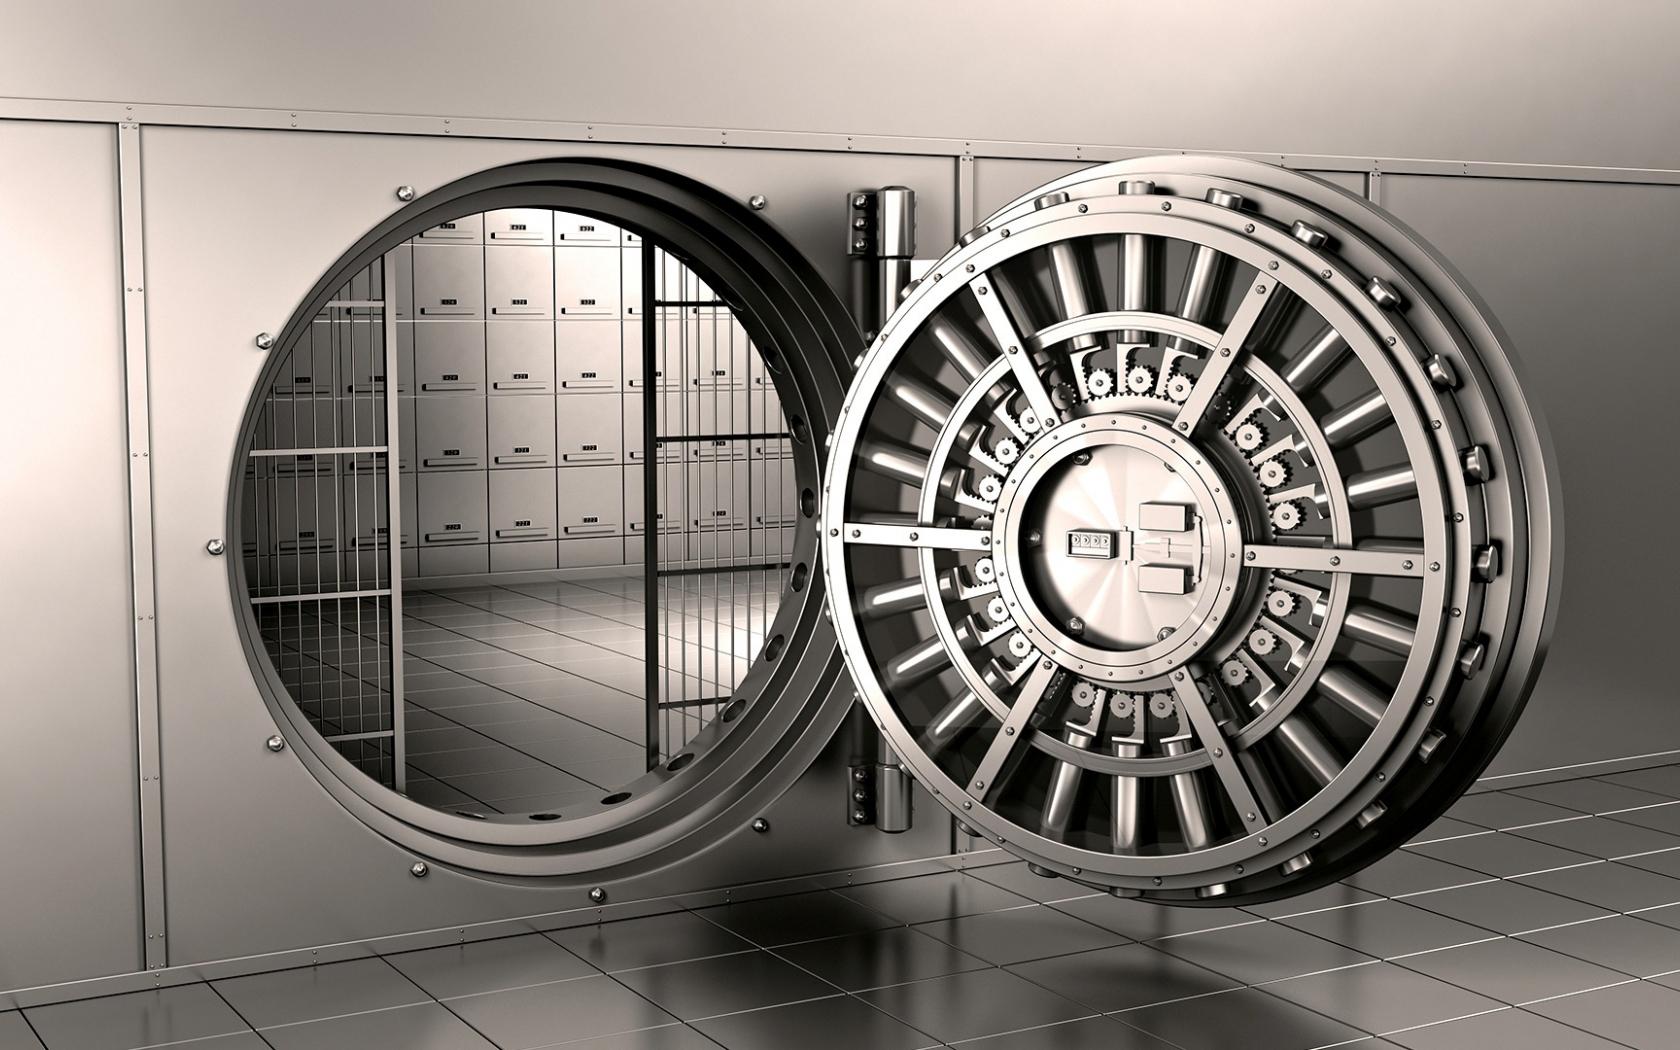 Bank Vault 3D Wallpaper HD [1920x1080